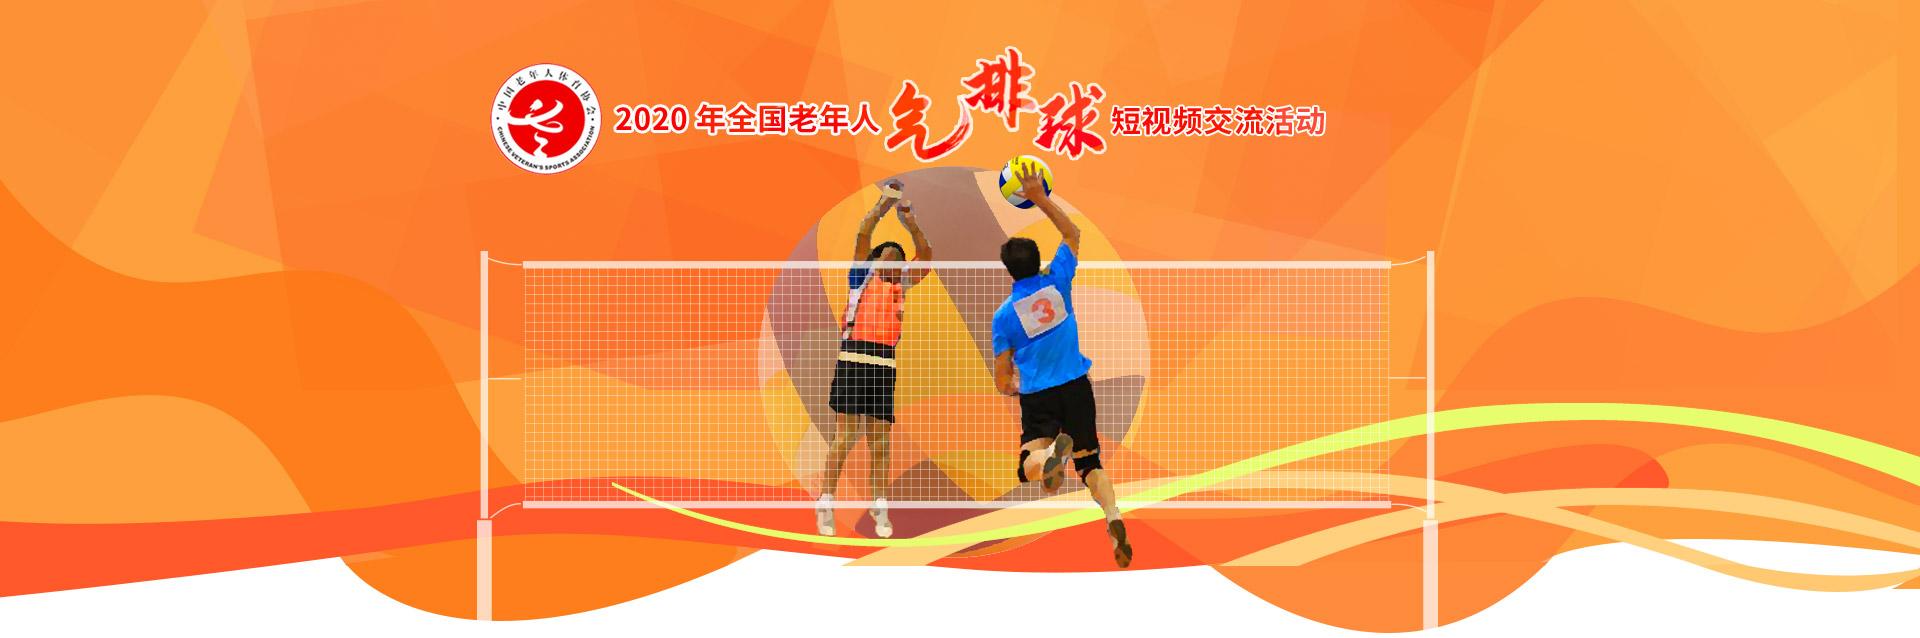 2020年全国老年人气排球短视频交流活动